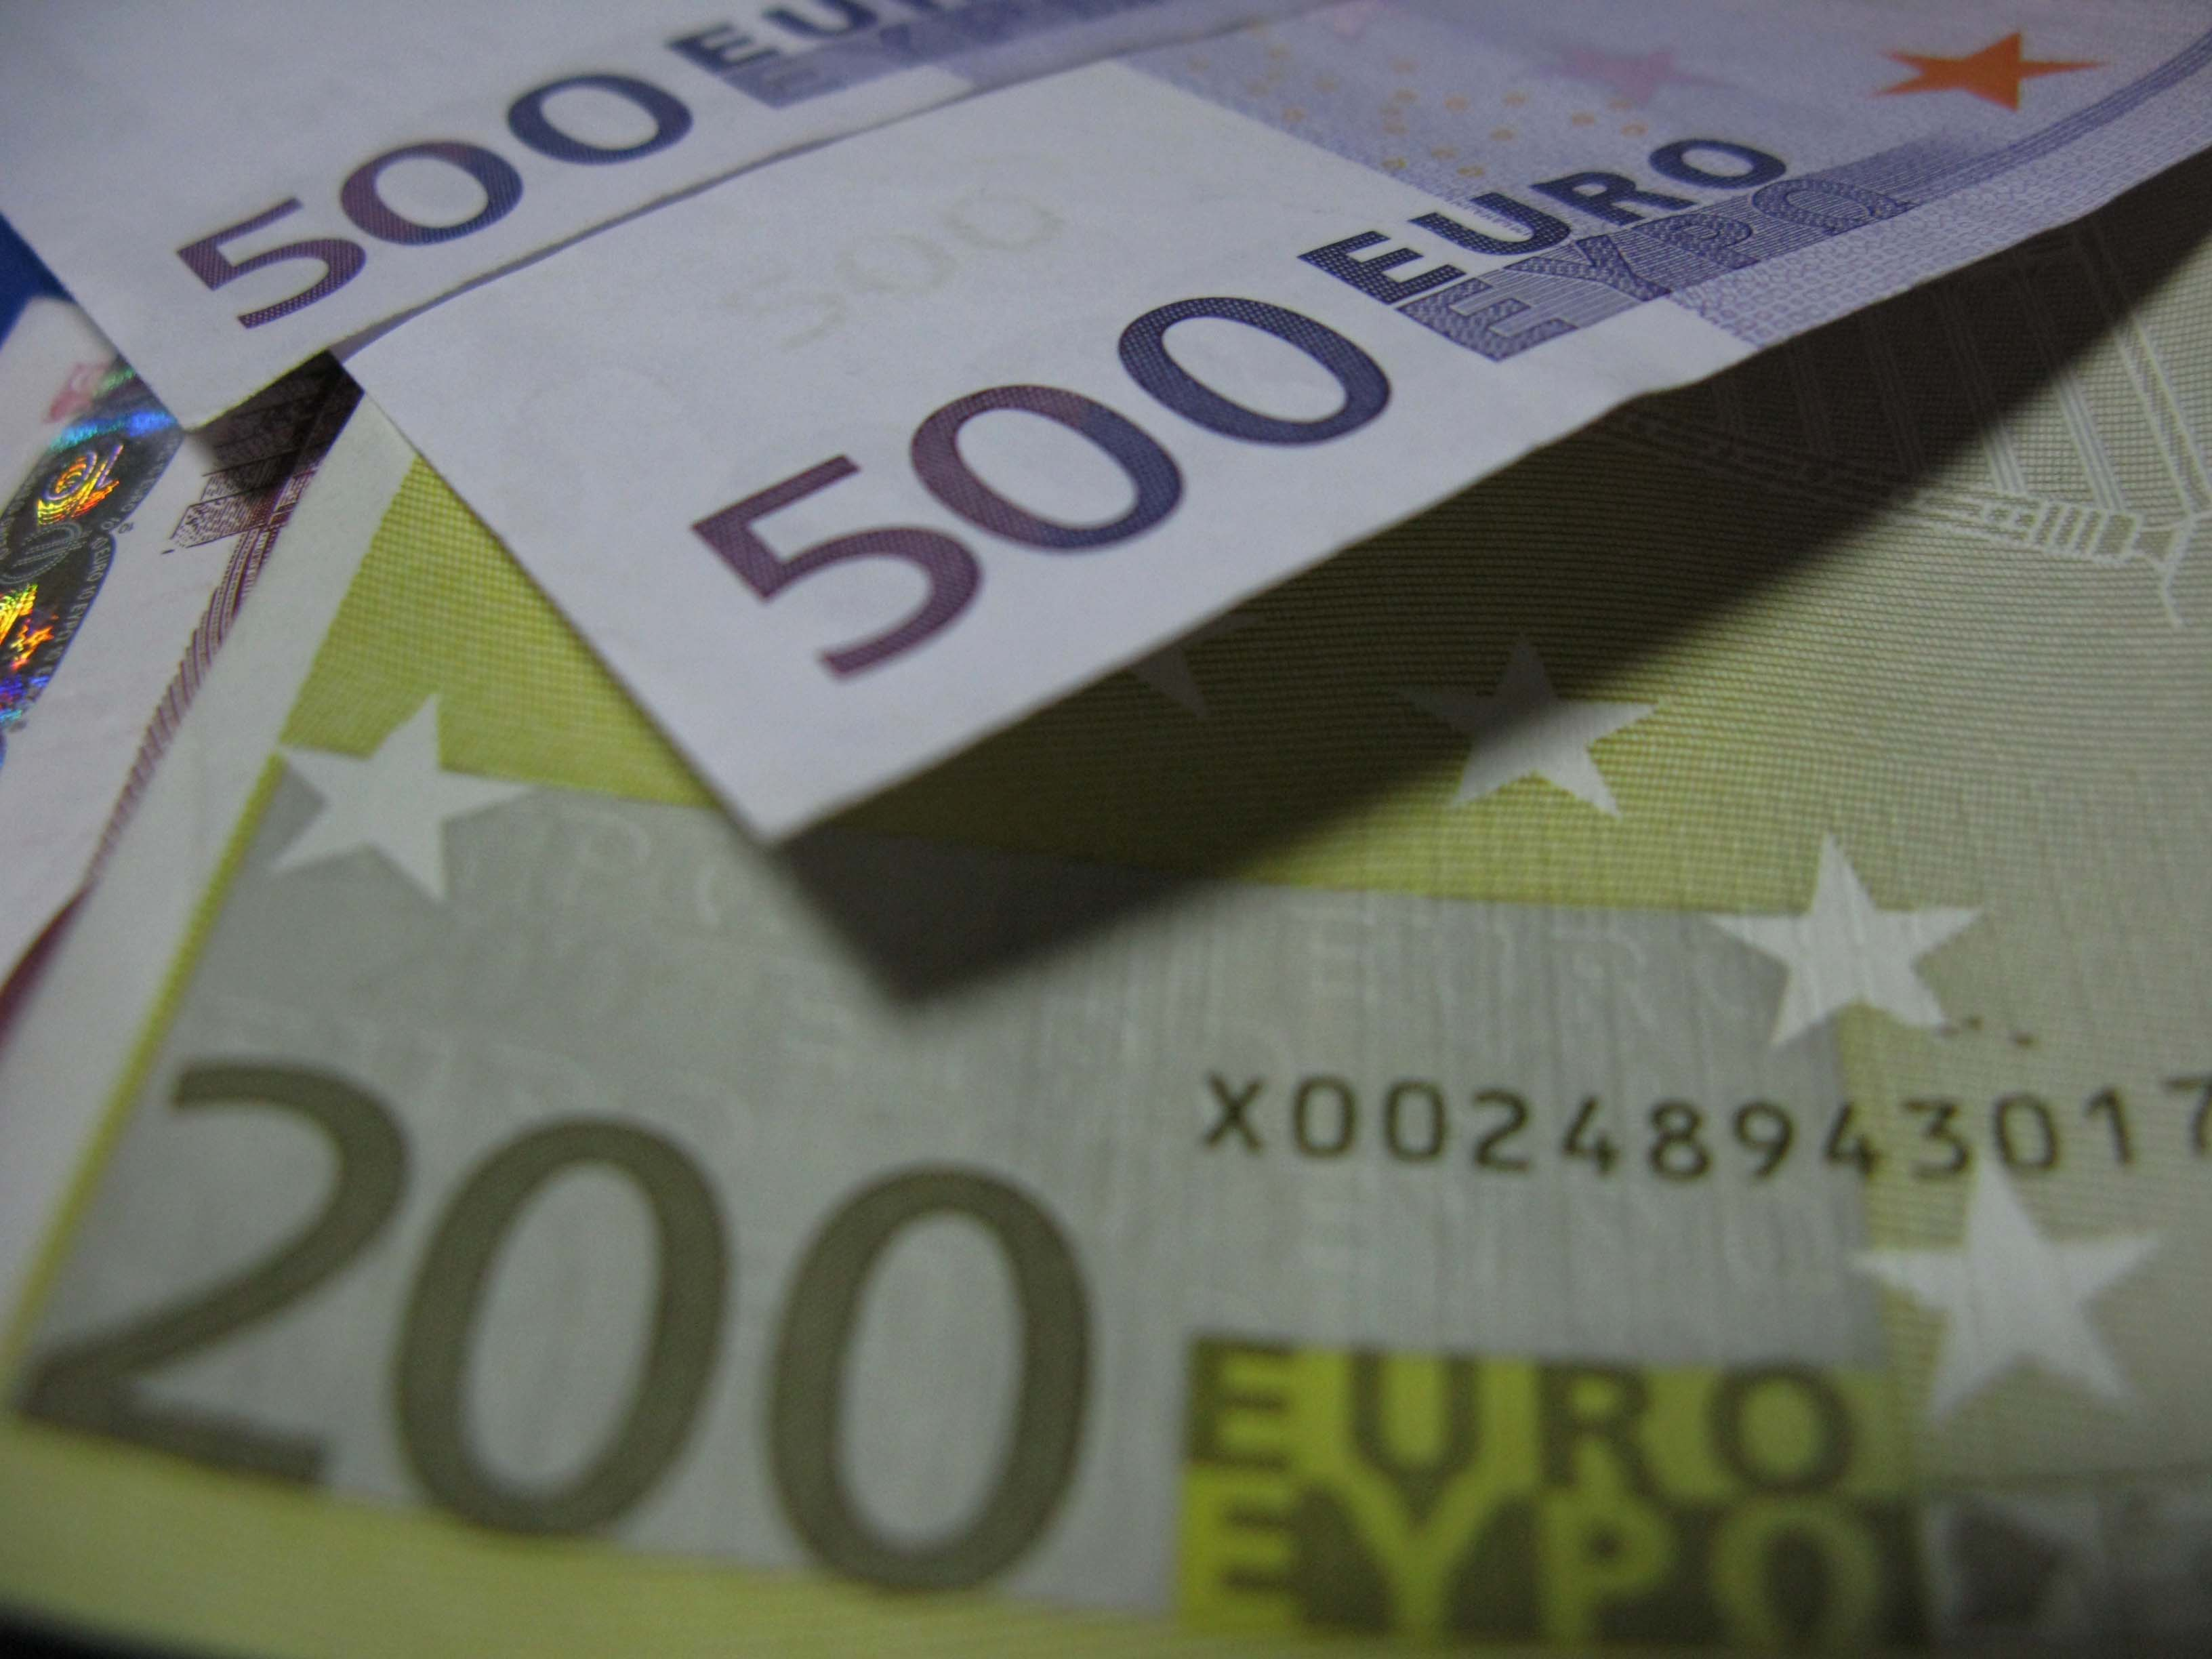 Καρπενήσι: Ούτε Τζόκερ, ούτε Λόττο – Kέρδισε 750.000 ευρώ και προσπαθεί ακόμα να το πιστέψει – video